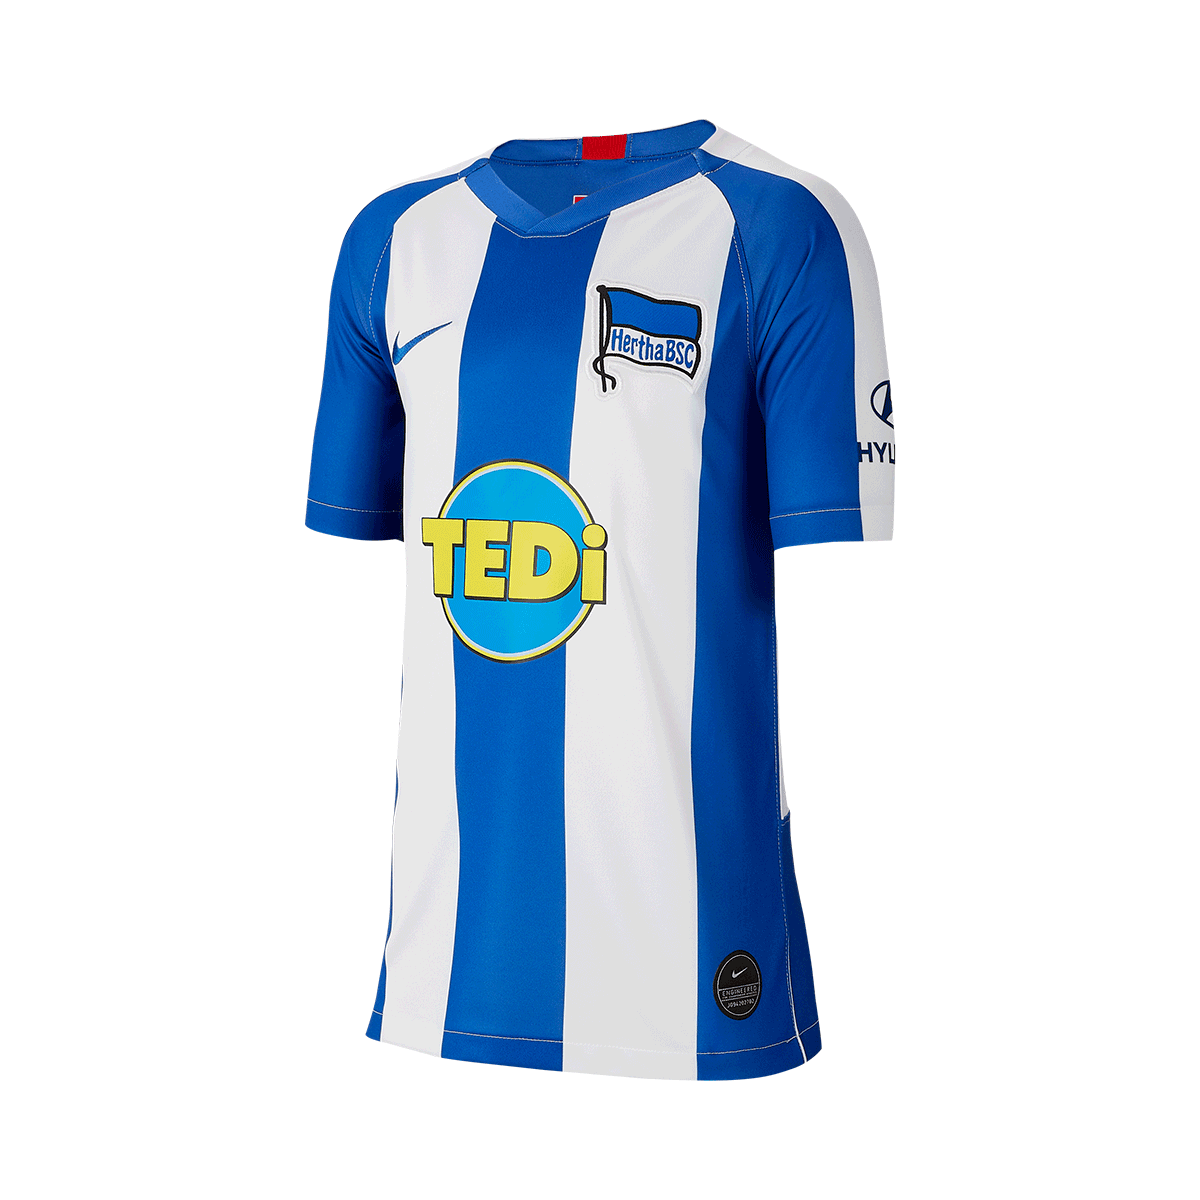 save off f5109 d468a Nike Hertha BSC Kinder Heim Trikot 2019/20 weiß/blau